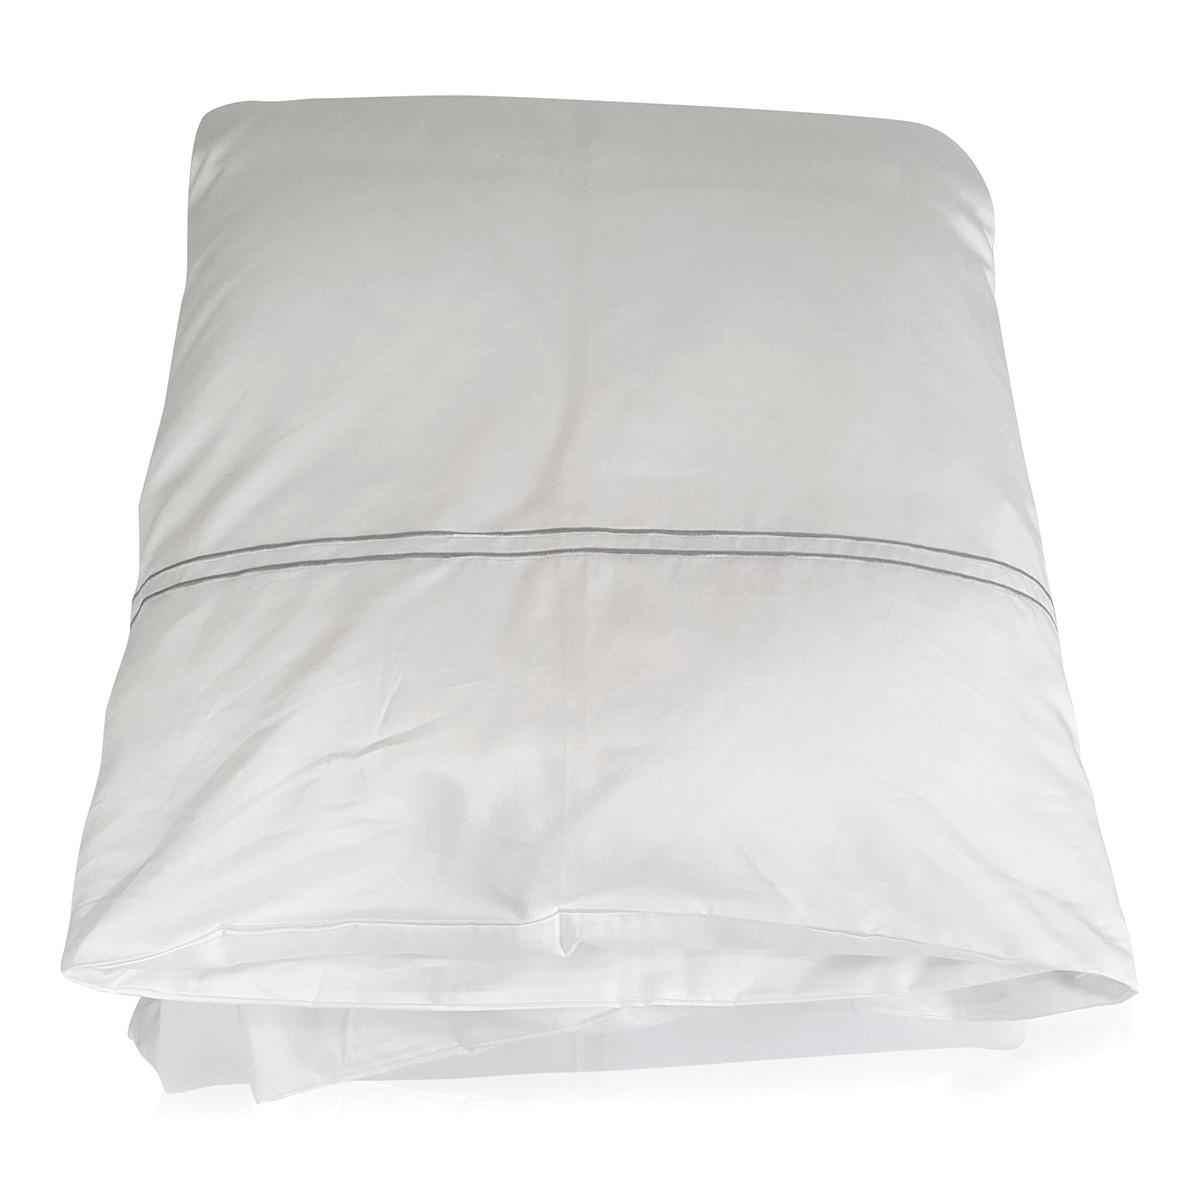 Påslakanset. Ett nytt bäddset kan ge sovrummet en helt ny stil på ett litet kick. Påslakanset i satin ger en lyxig och romantisk känsla, set i linne är svala och sköna att sova i.